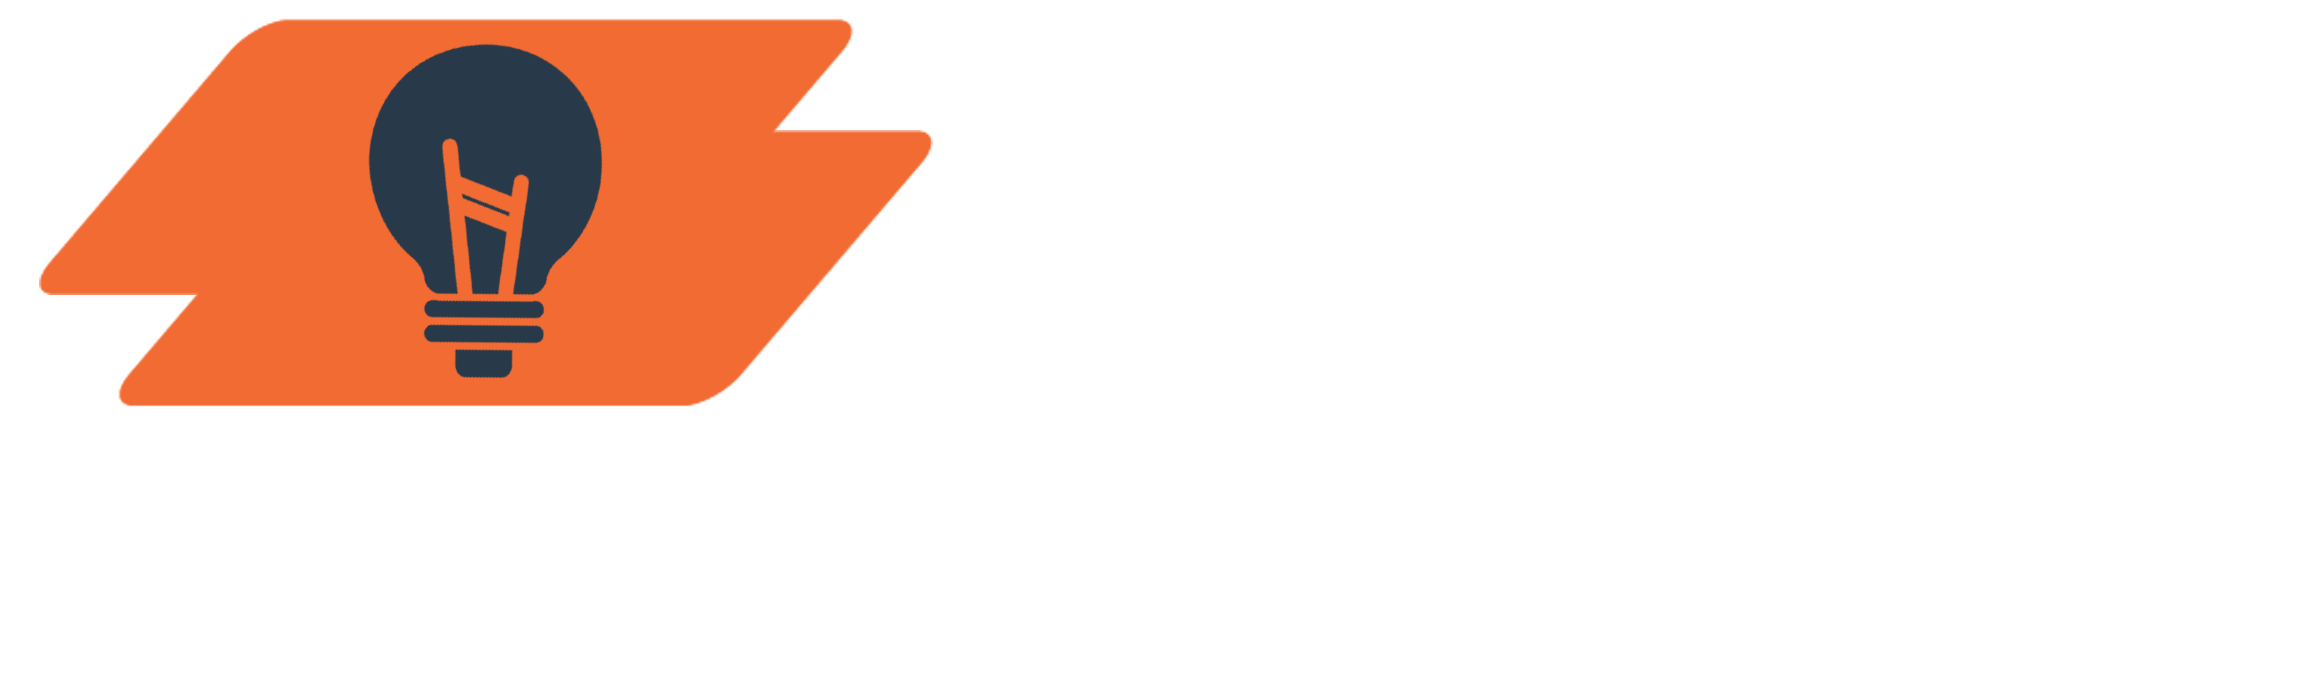 new logo E RE white png